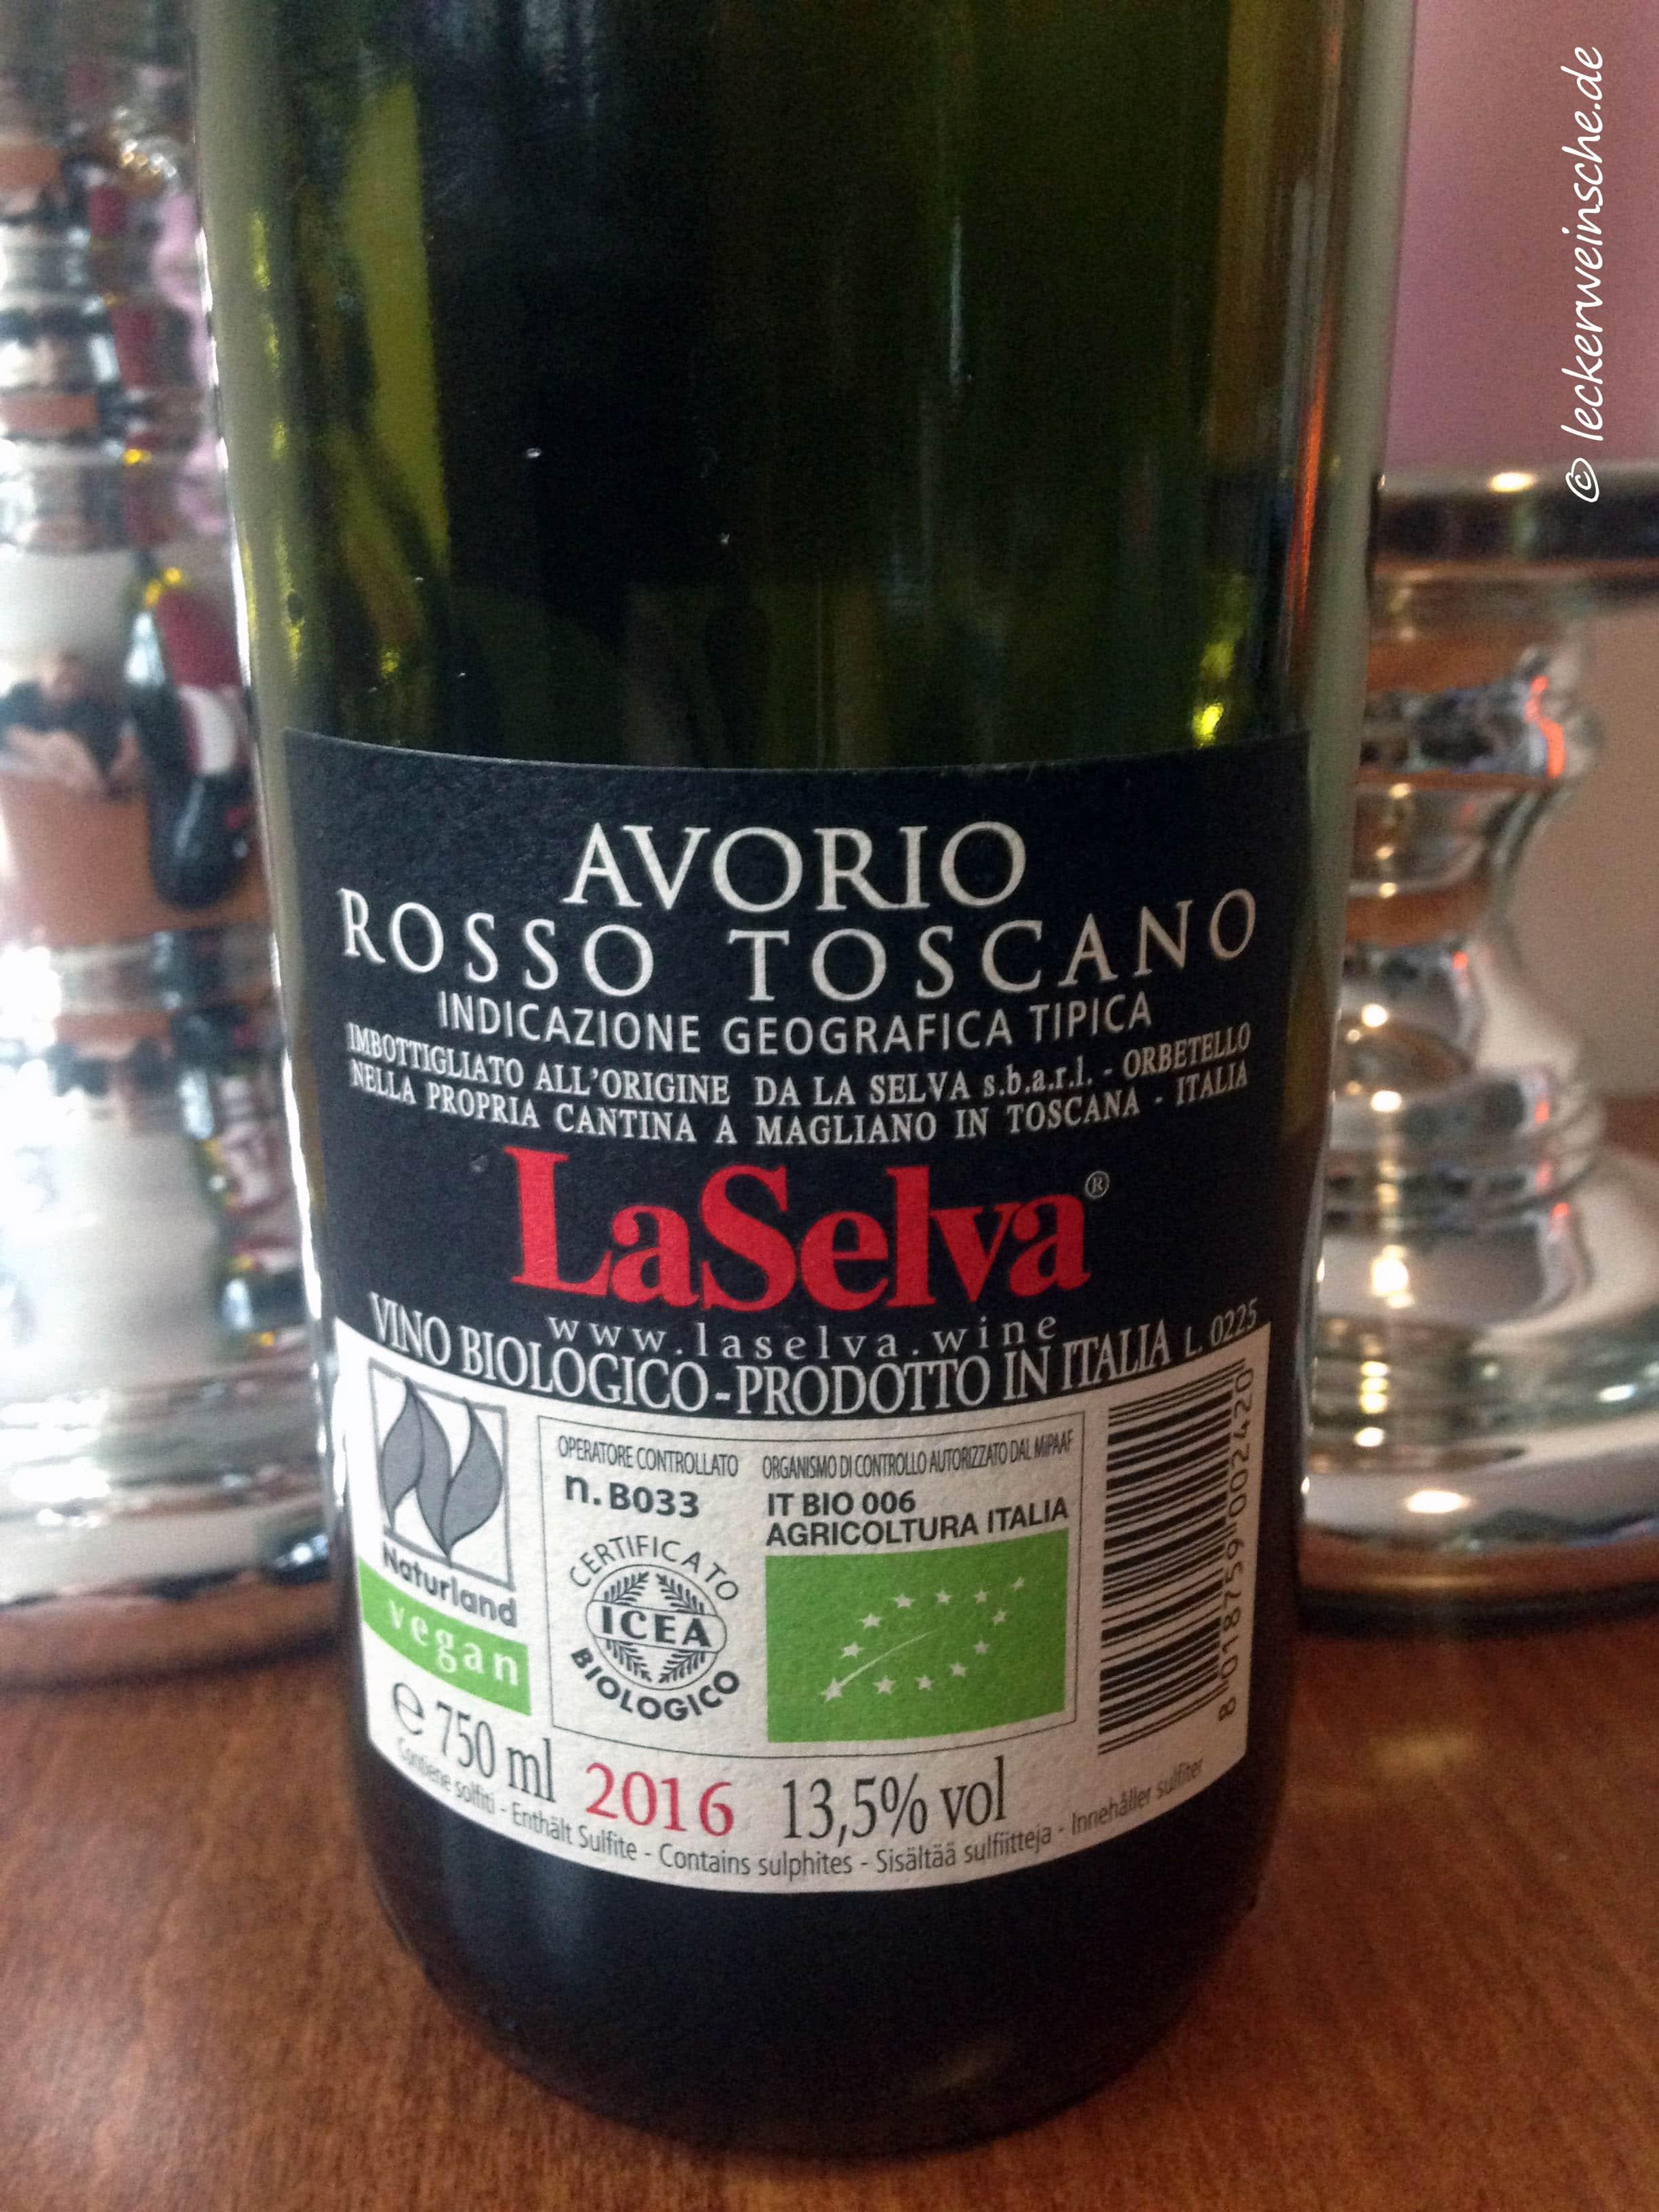 Avorio Rosso Toscano La Selva